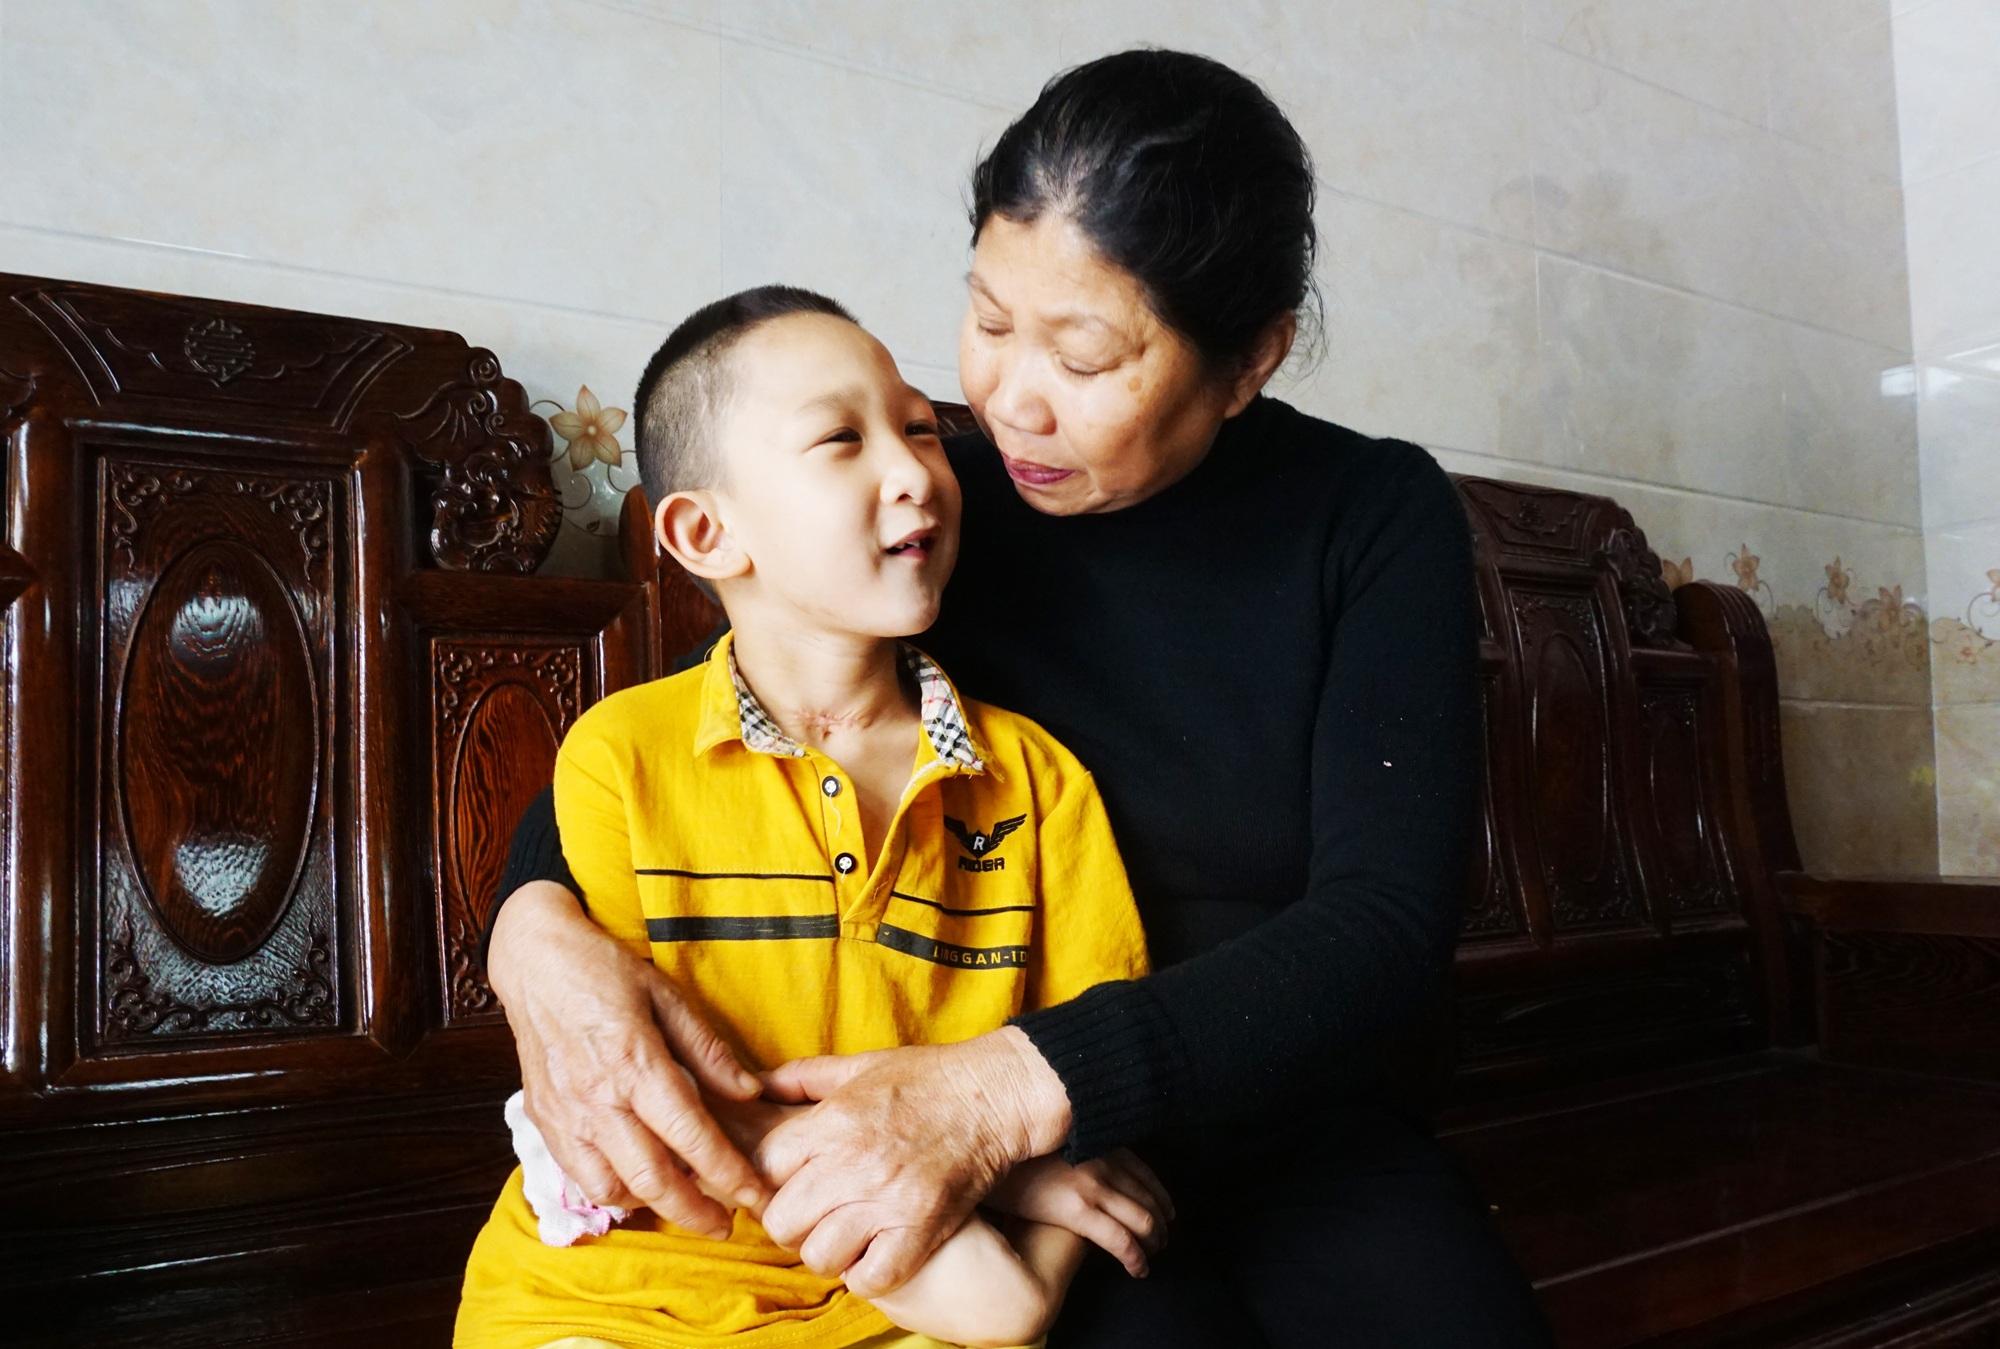 Hành trình hồi sinh đầy gian nan của cậu bé đa dị tật 2 lần bị bỏ rơi - 7